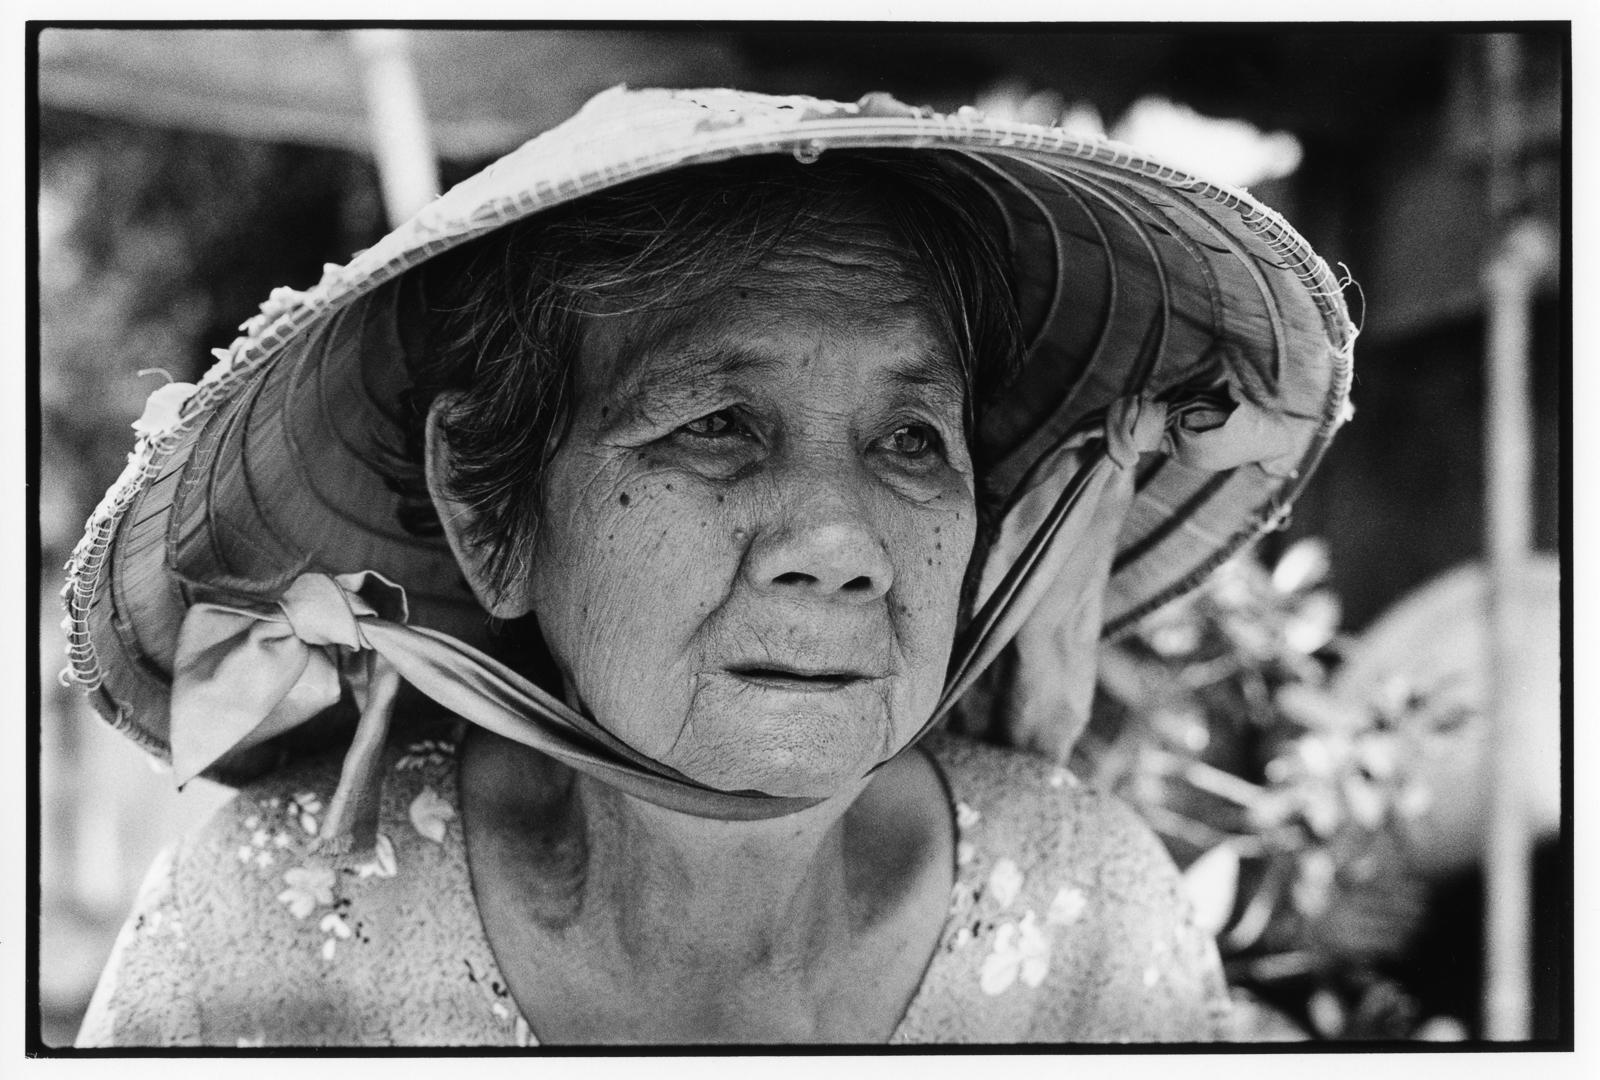 Ho Chi Minh market trader